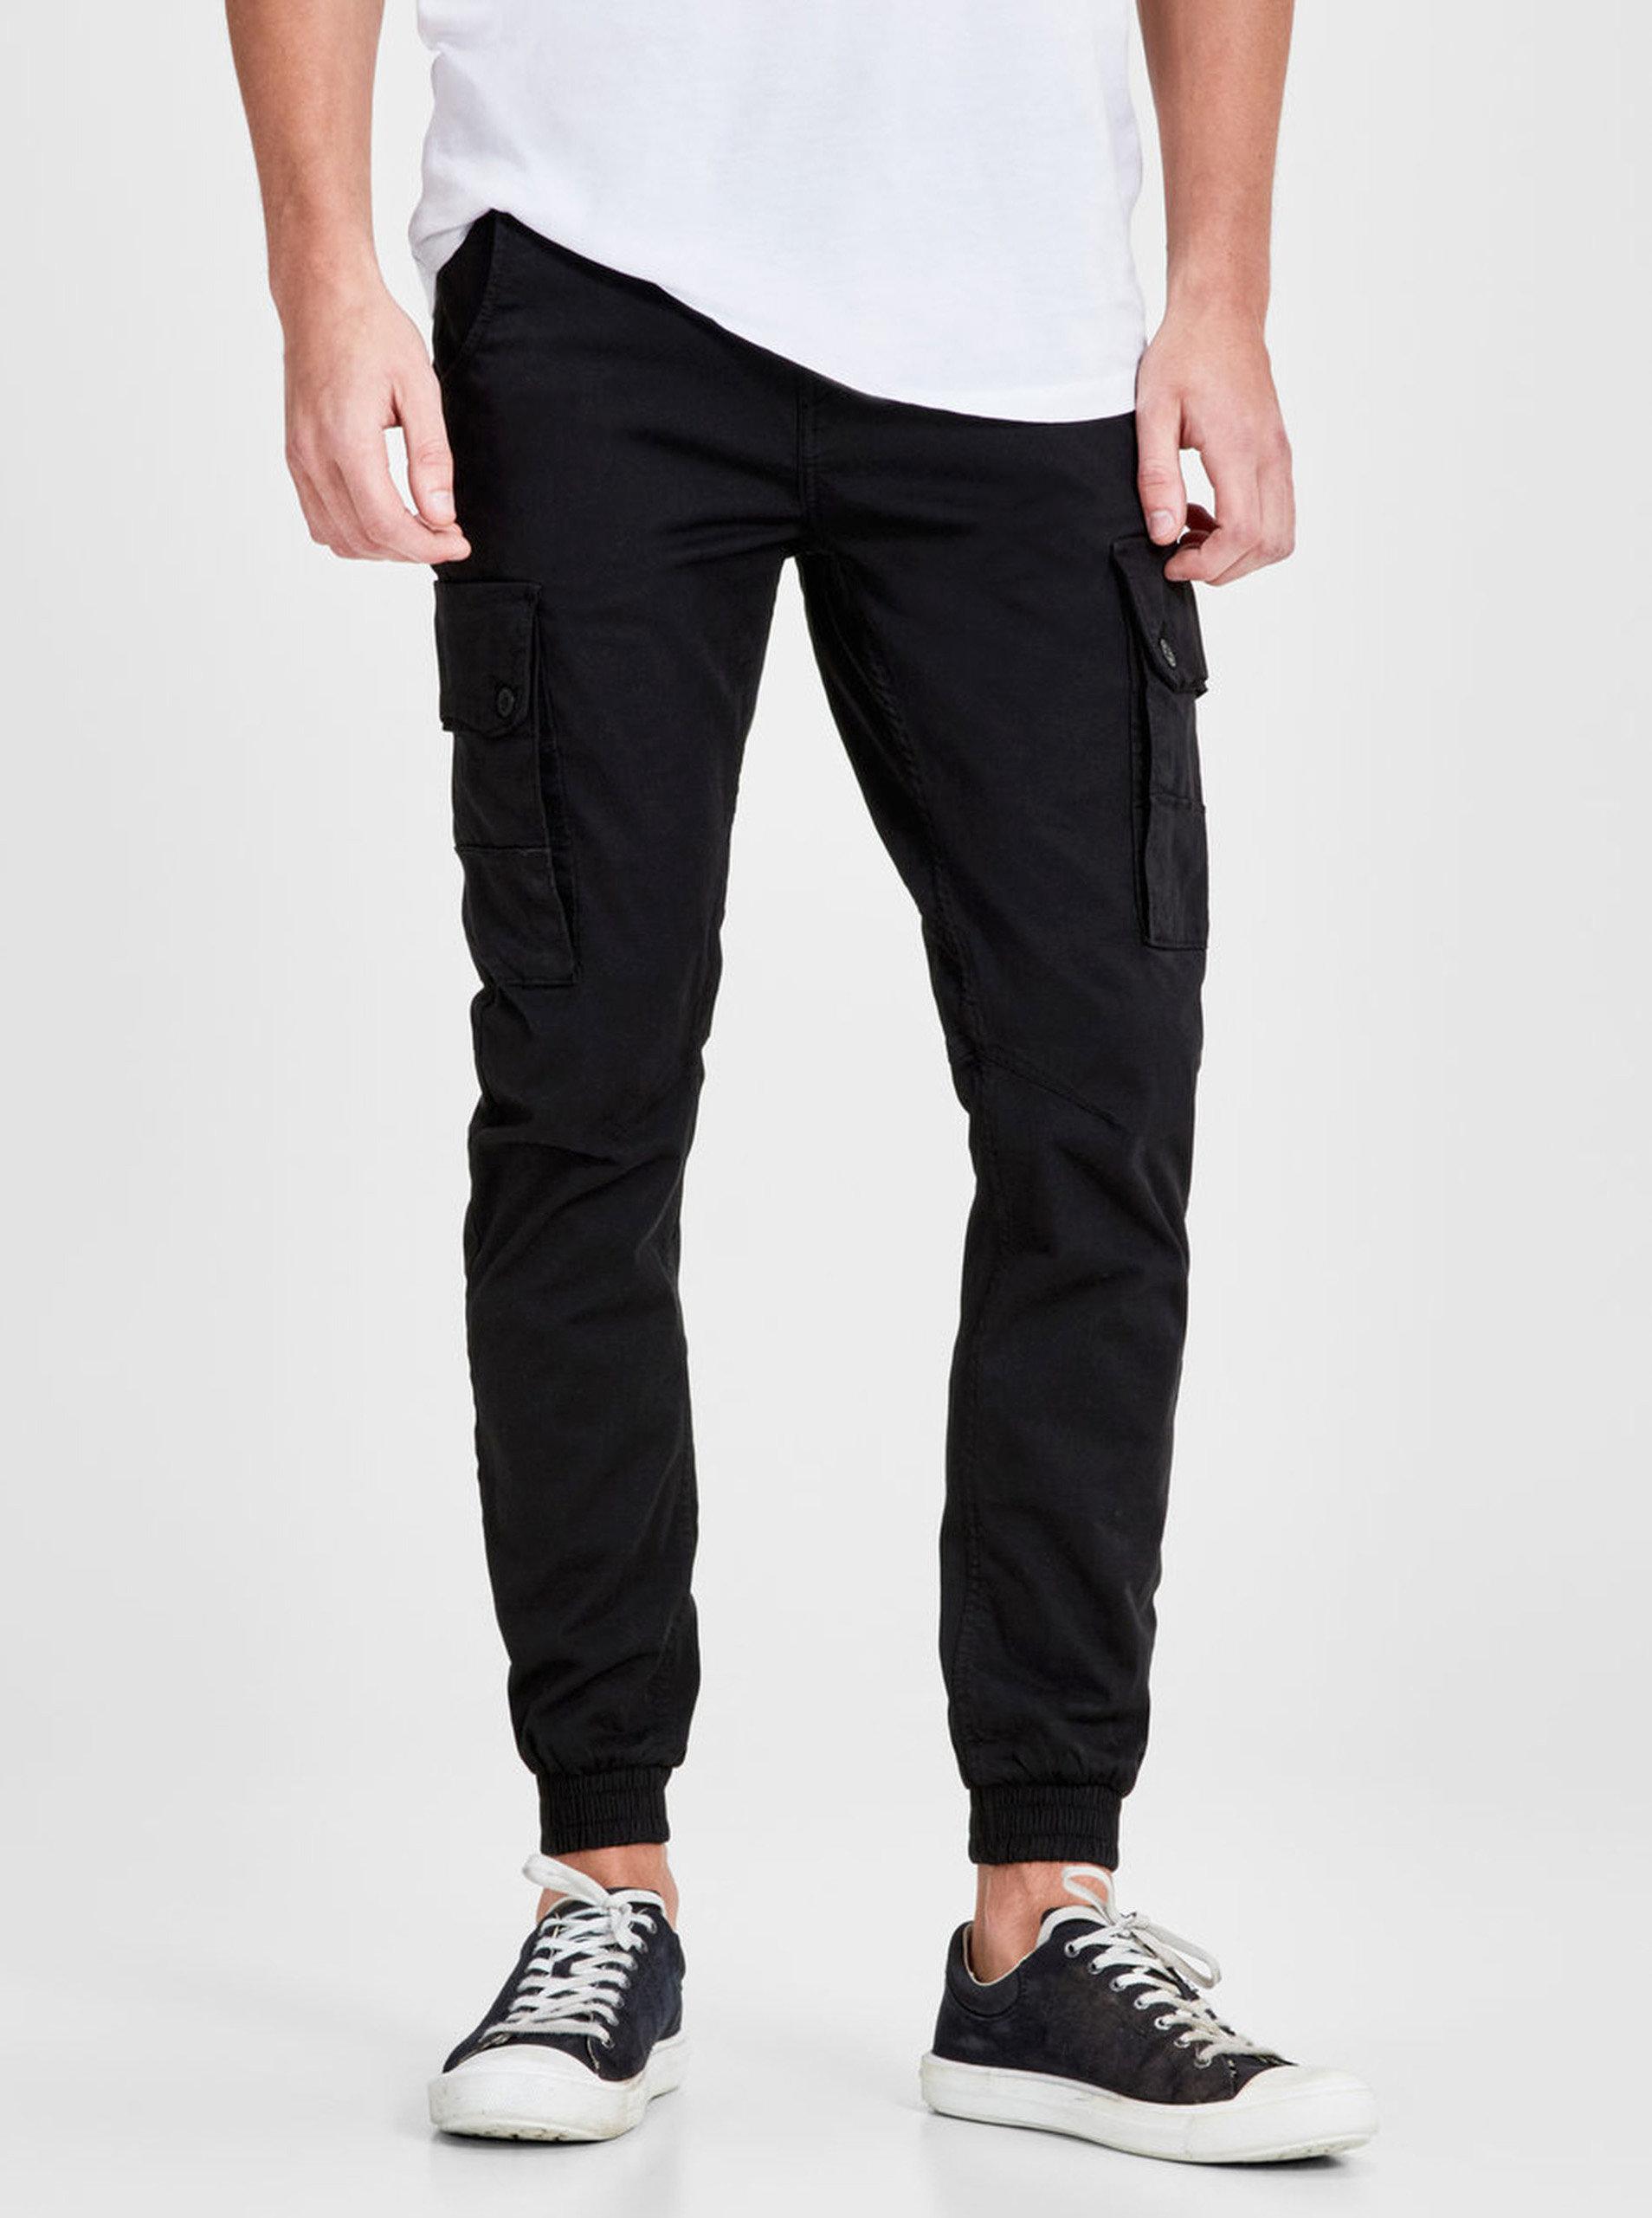 925575b98c6 Černé kalhoty s kapsami Jack   Jones Paul ...